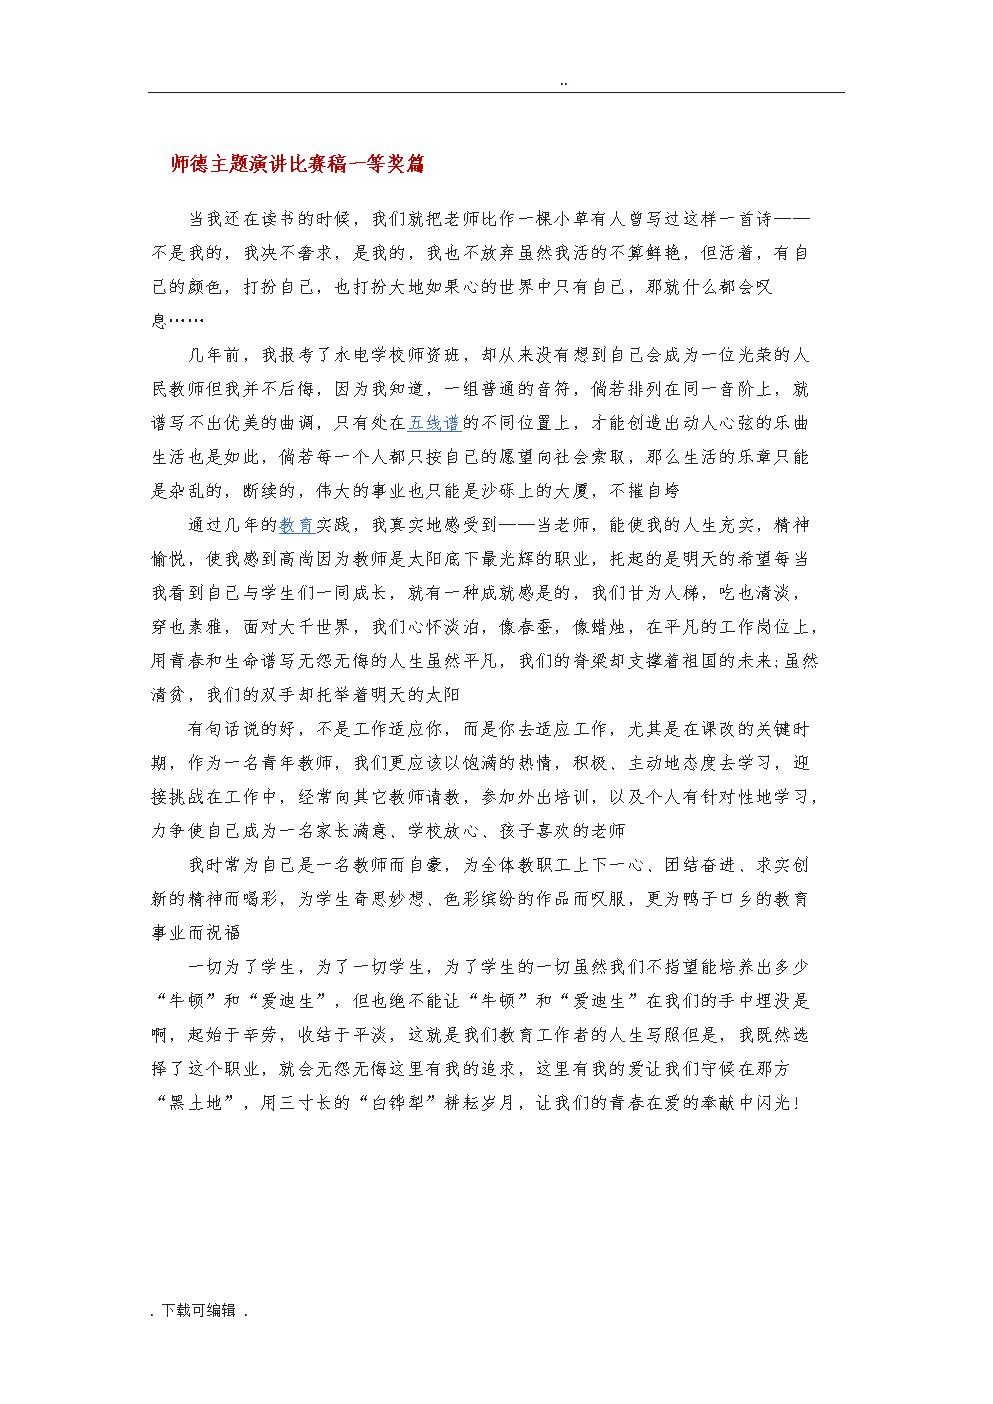 师德主题演讲比赛稿一等奖篇1.doc